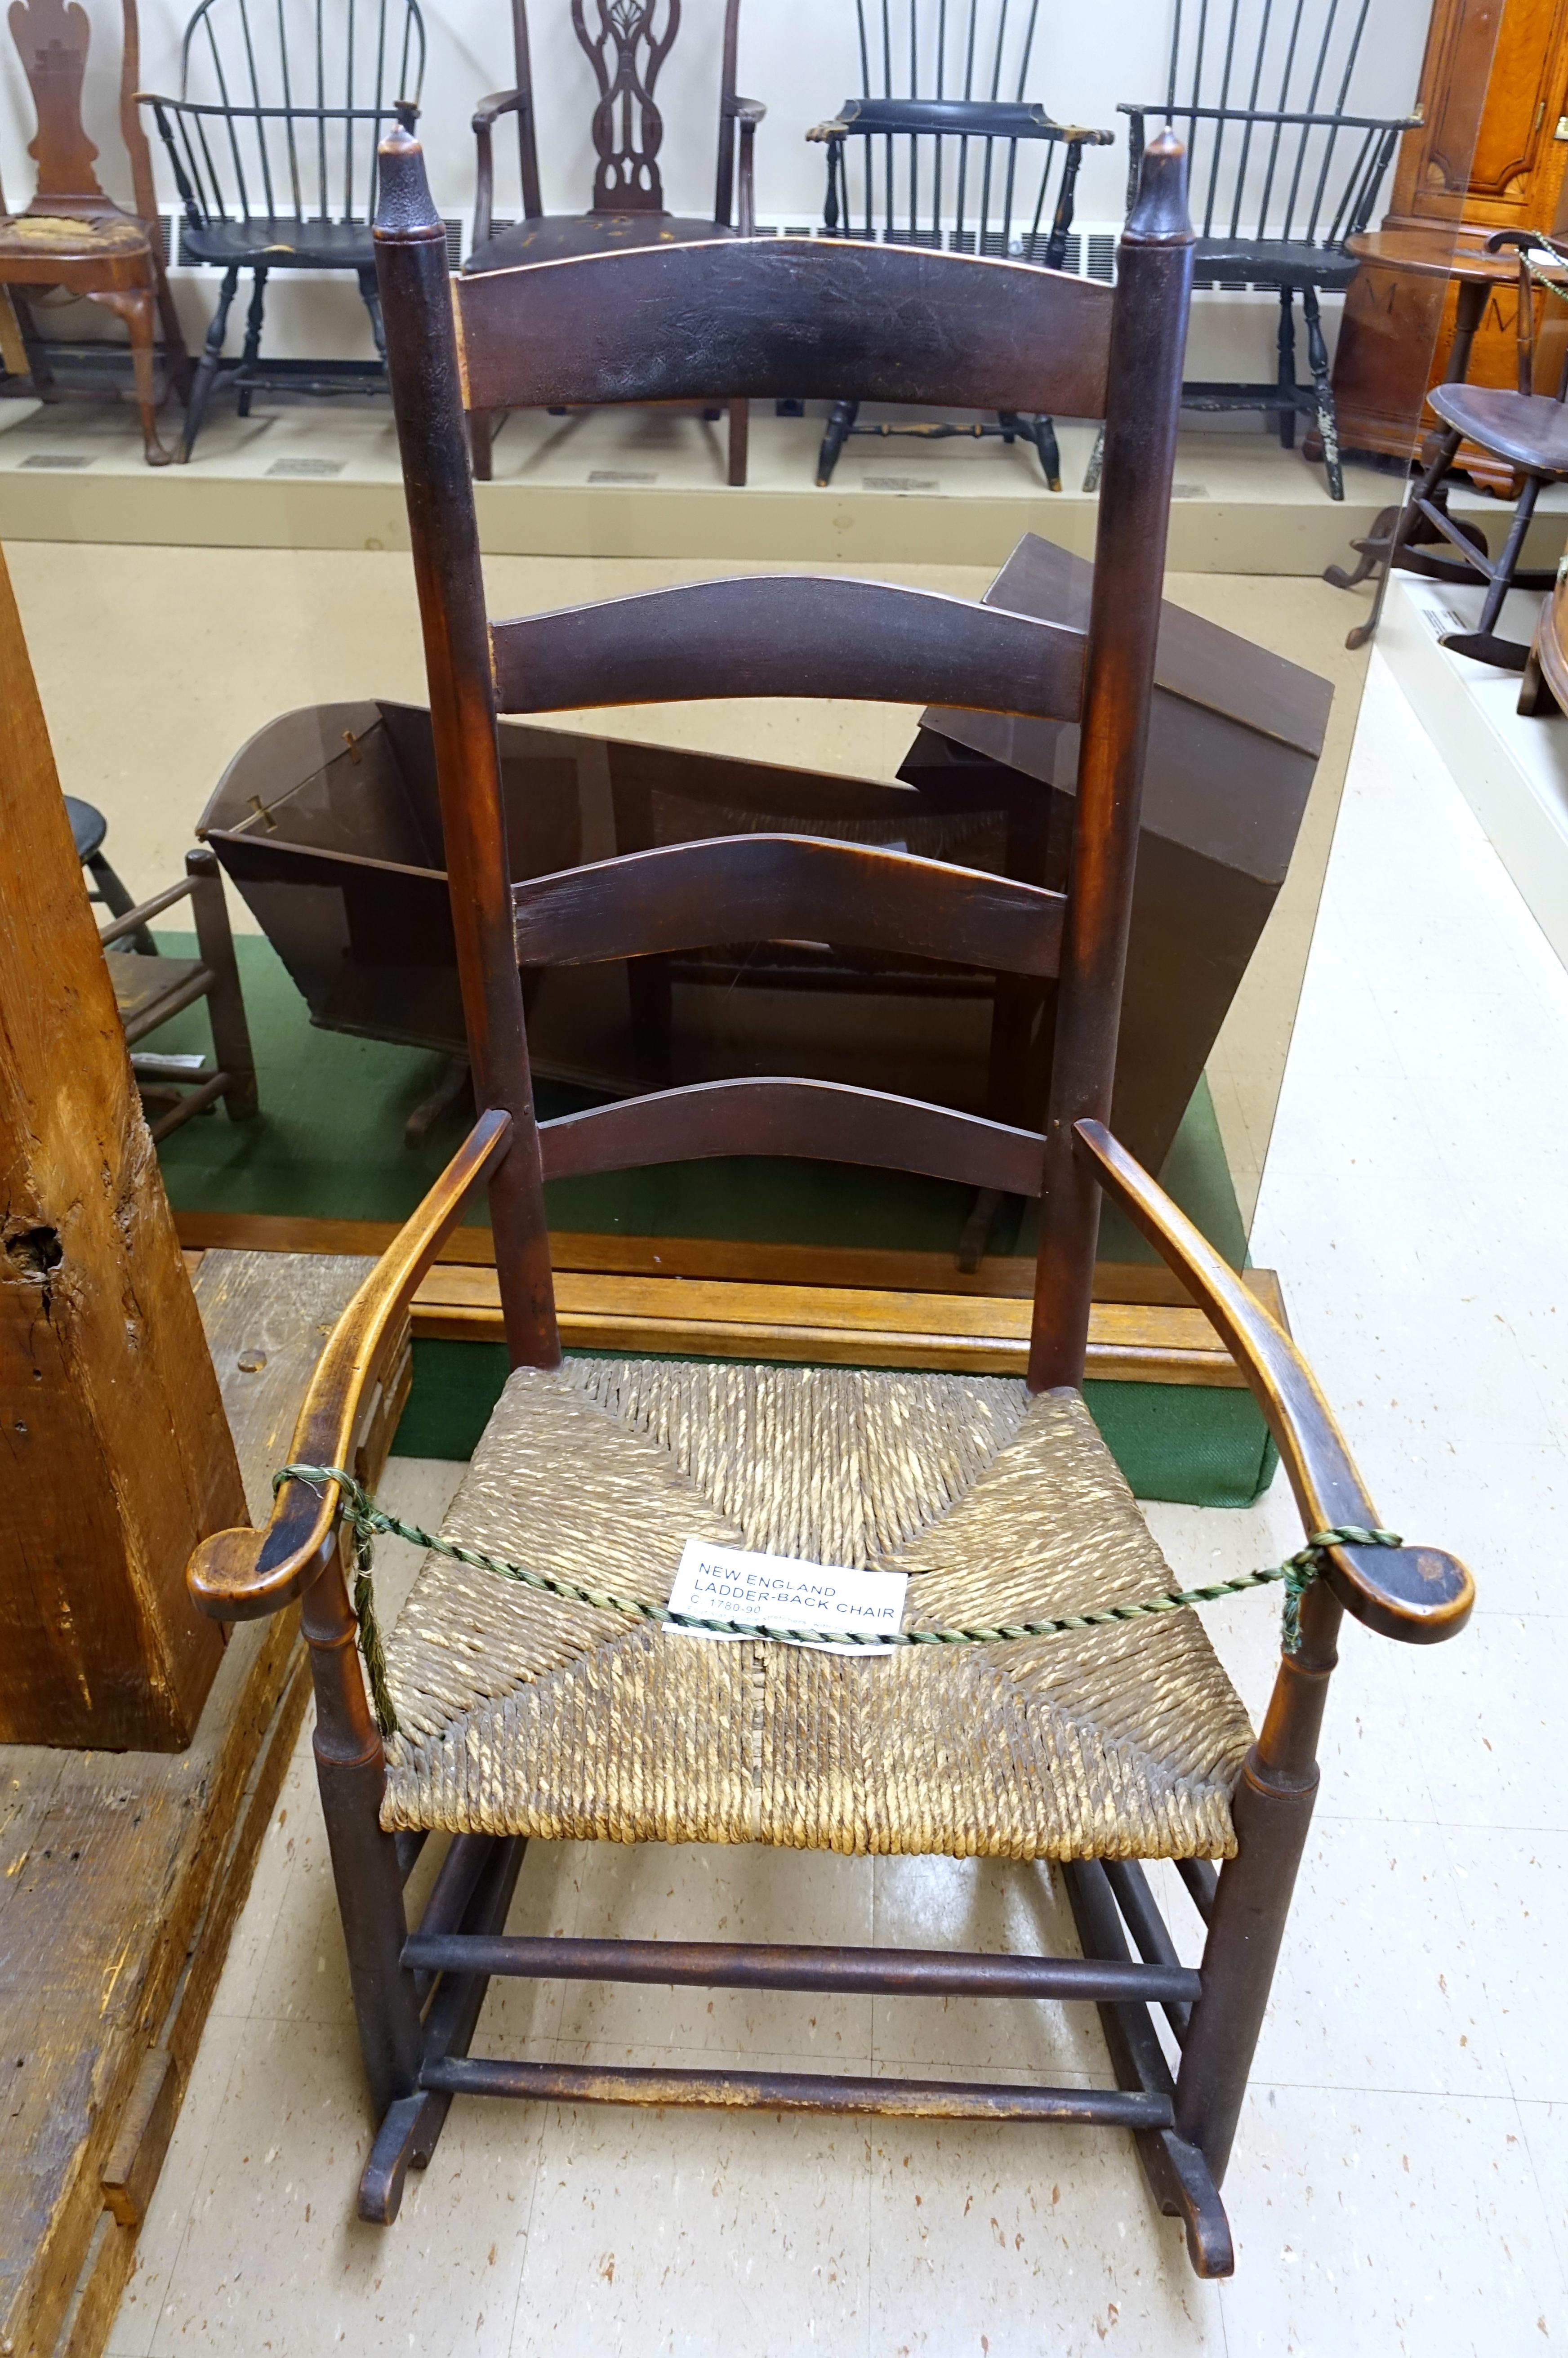 Picture of: File Ladder Back Chair New England C 1780 1790 Dedham Historical Society Dedham Massachusetts Dsc04199 Jpg Wikimedia Commons